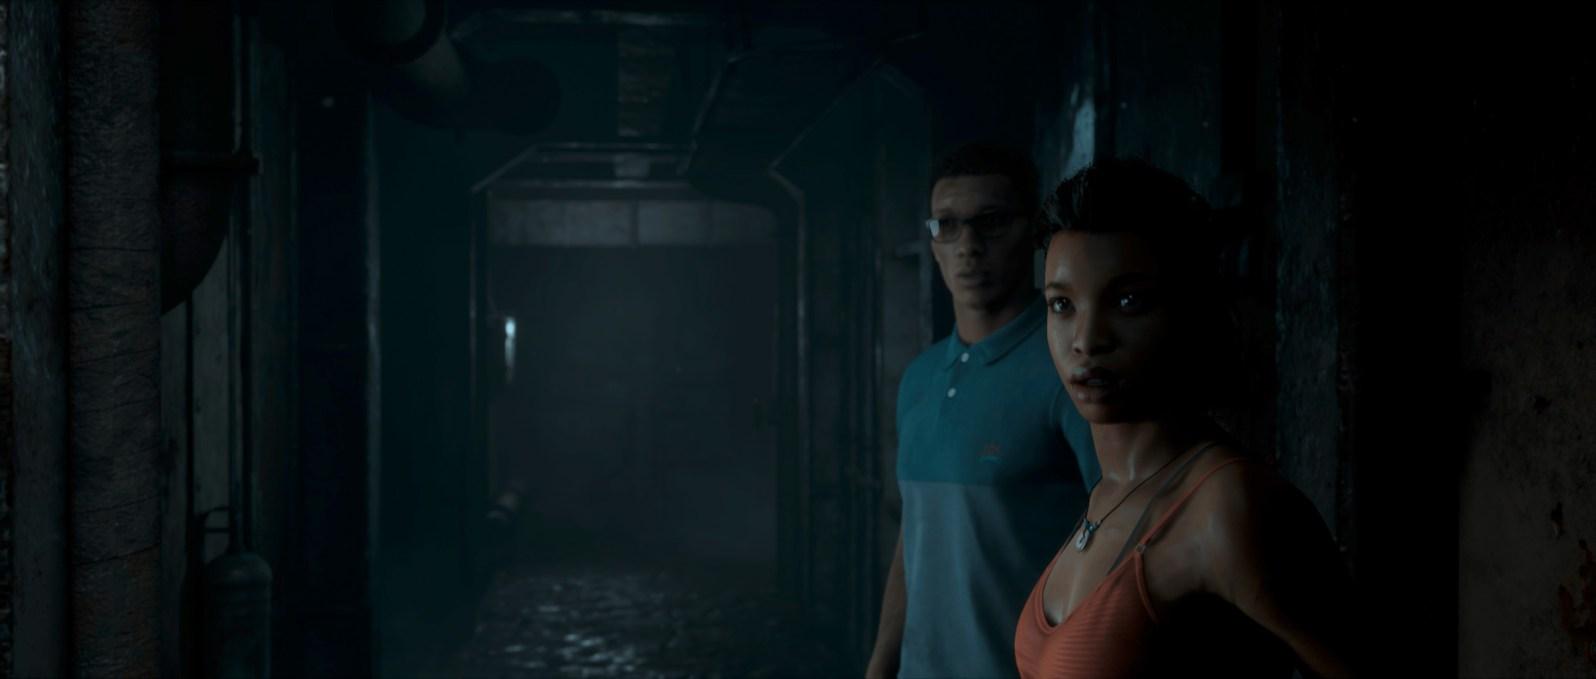 Quelle: Supermassive Games - Im Dunkeln ist gut munkeln!